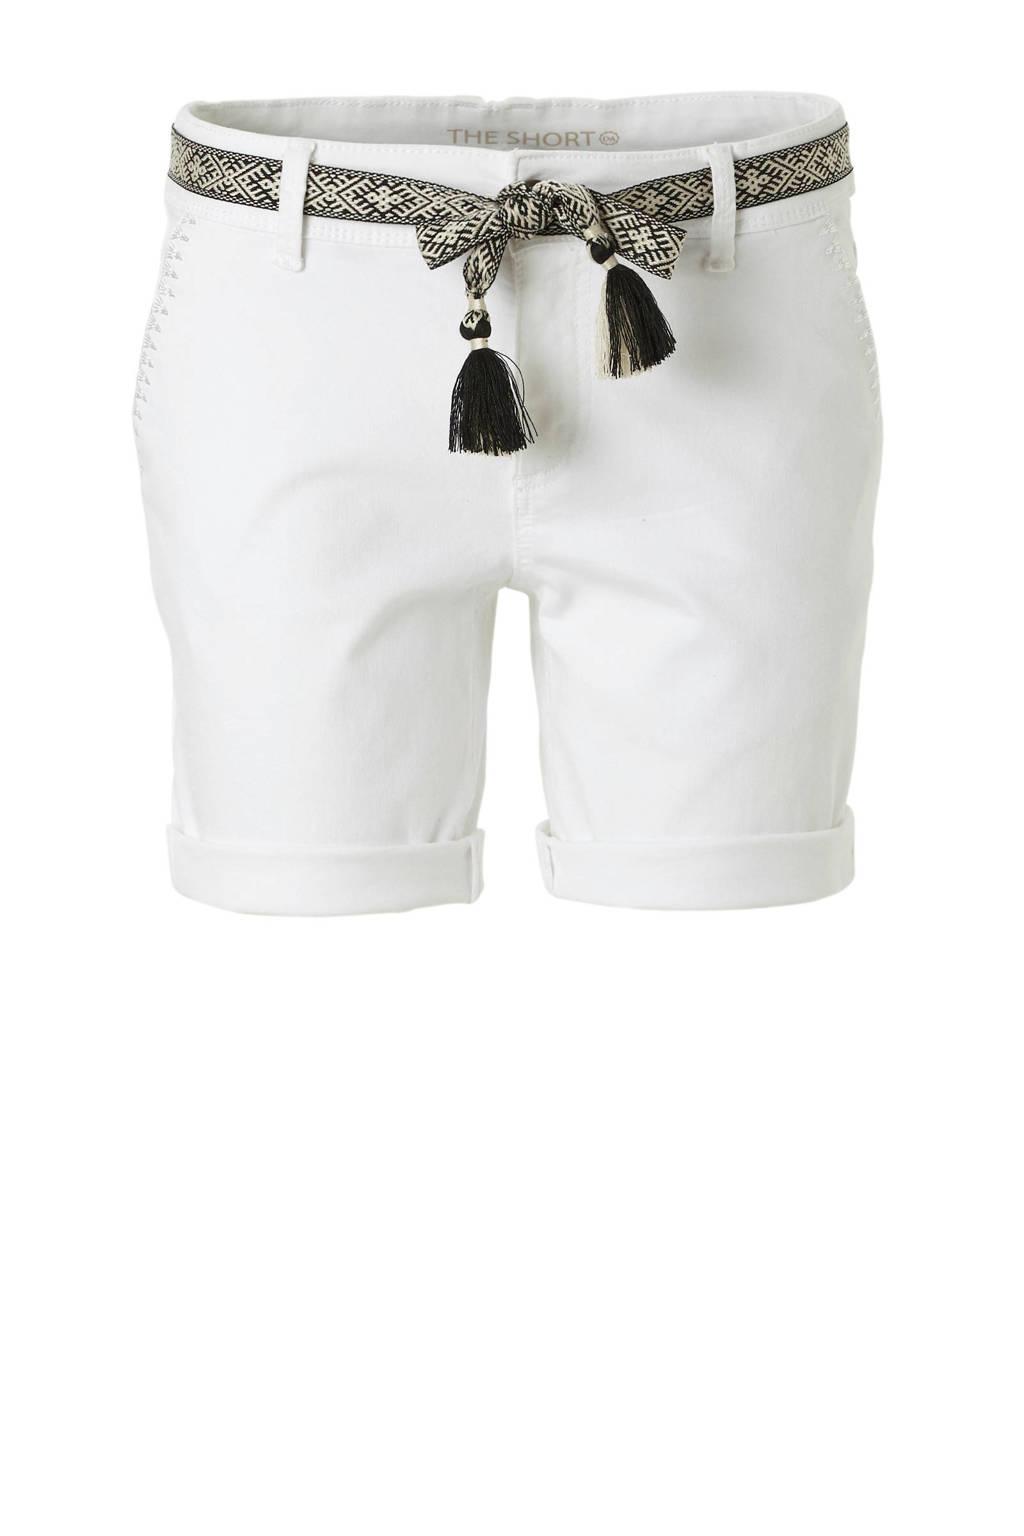 C&A Yessica korte broek met ceintuur wit, Wit